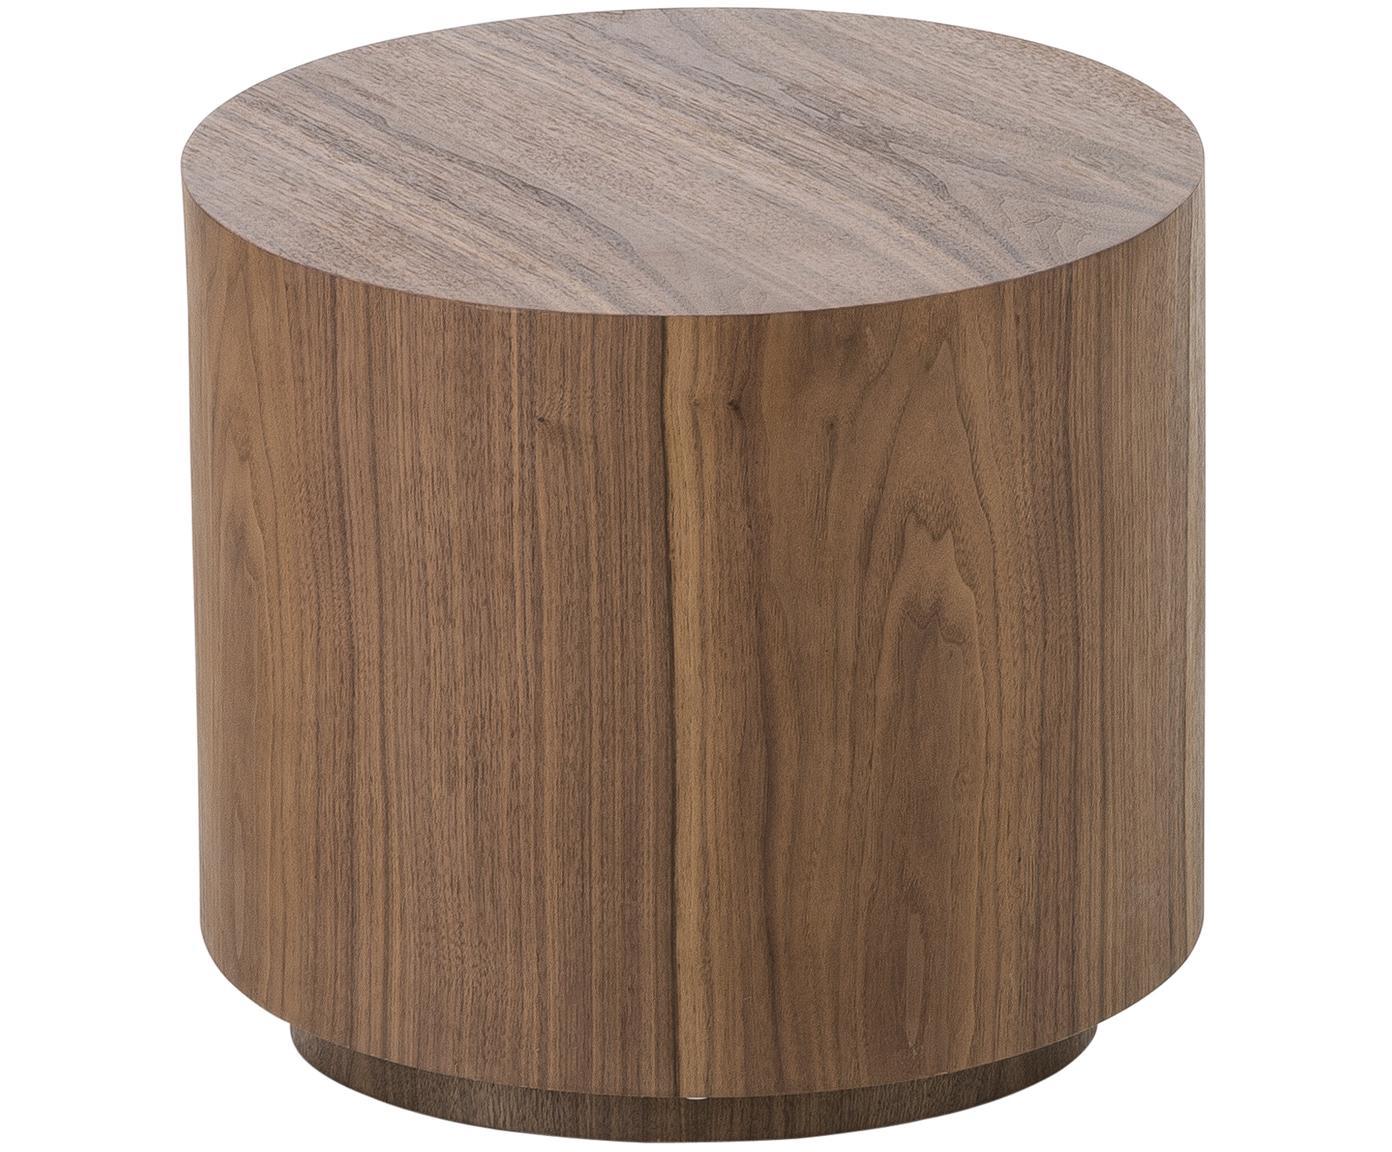 Bijzettafelset Dan van hout, 2-delig, MDF met walnoothoutfineer, Donkerbruin, Verschillende formaten